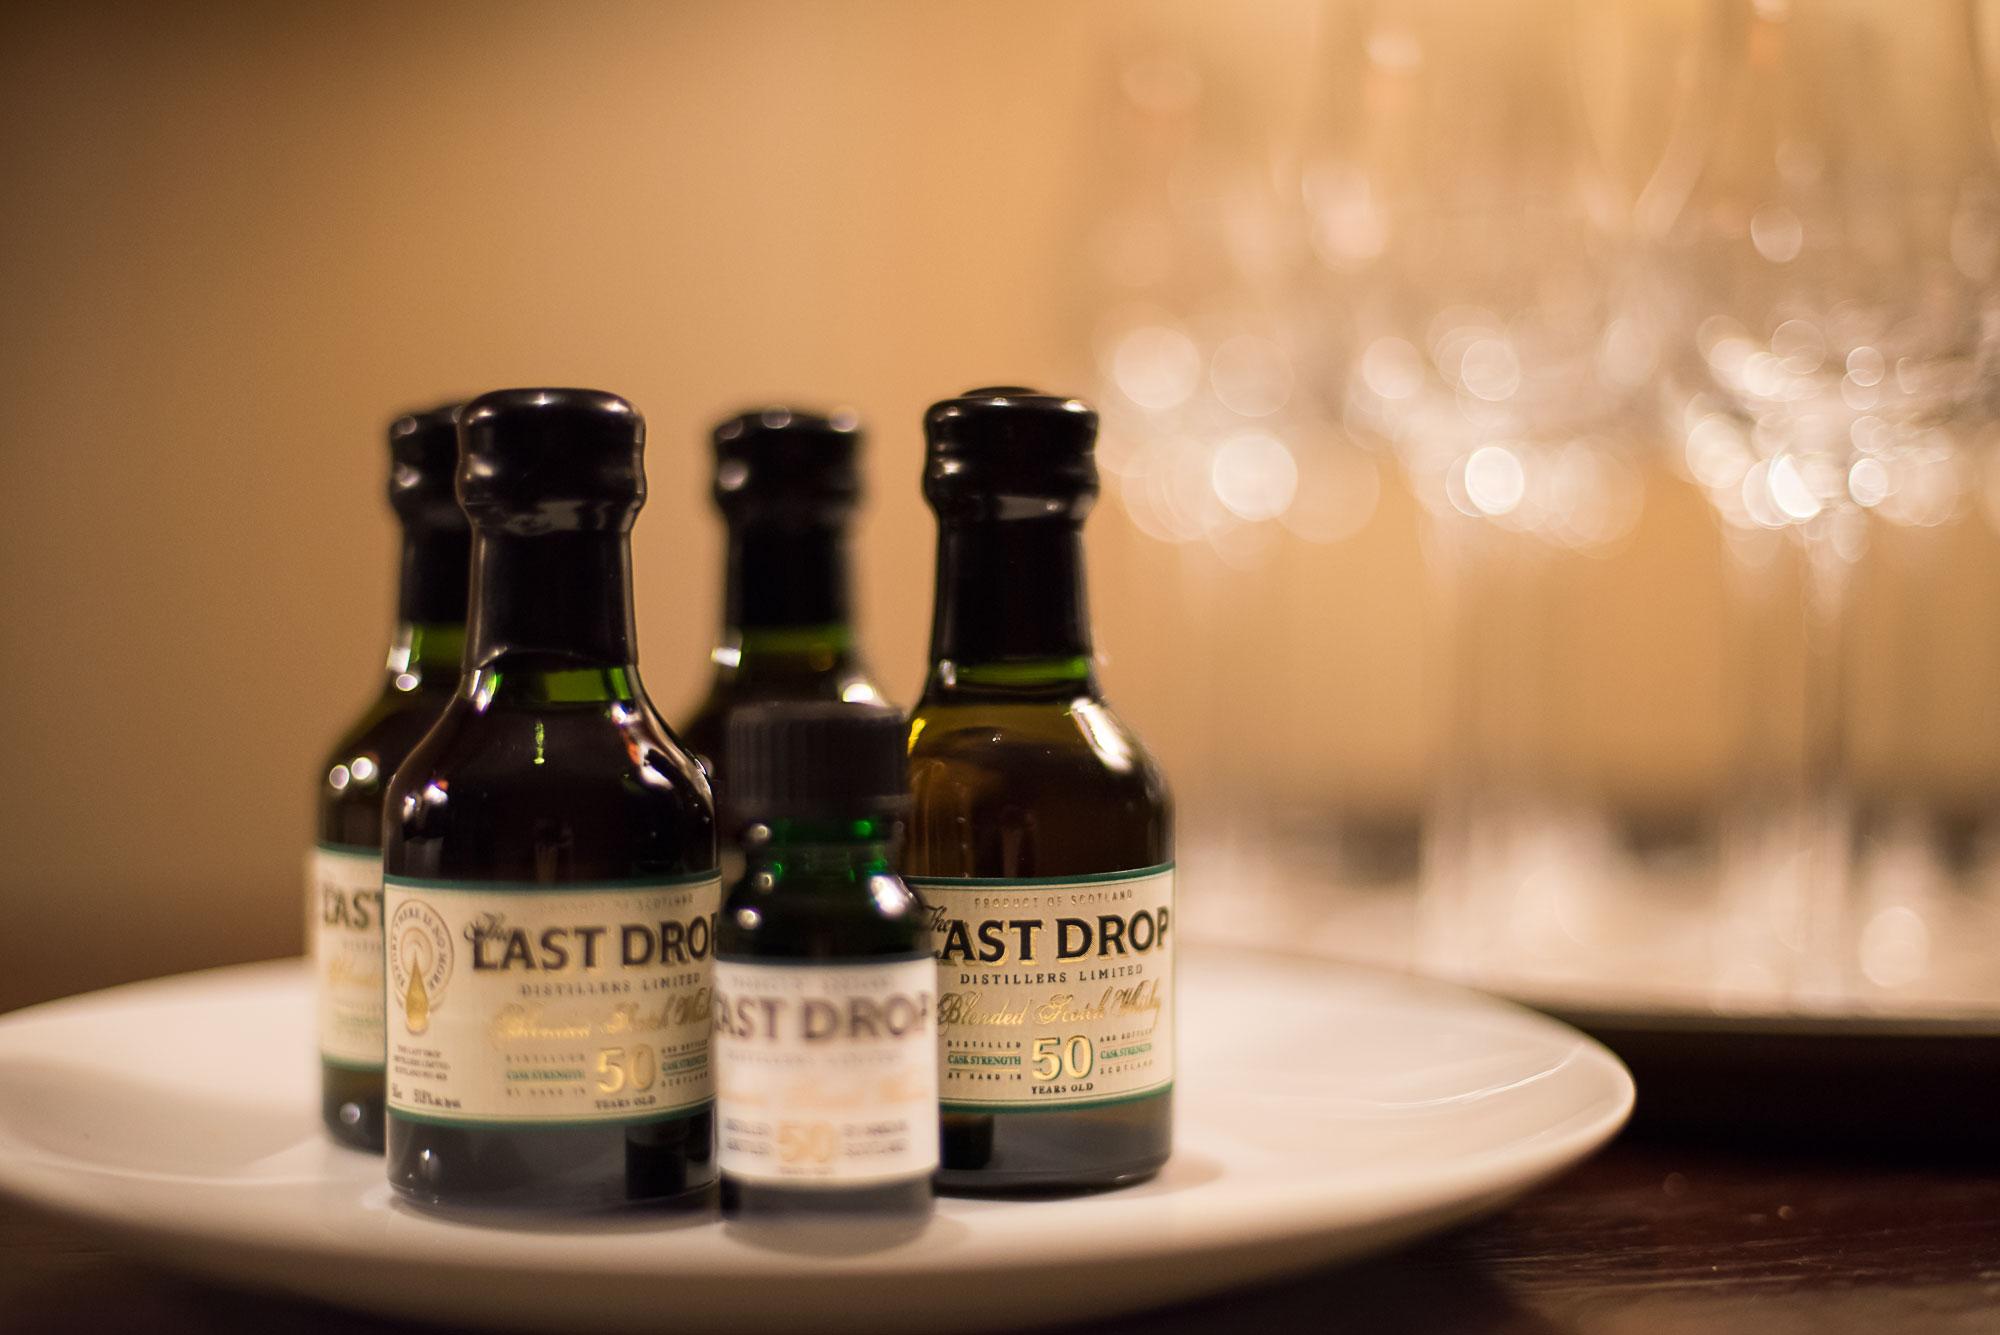 last-drop-distiller-239.jpg